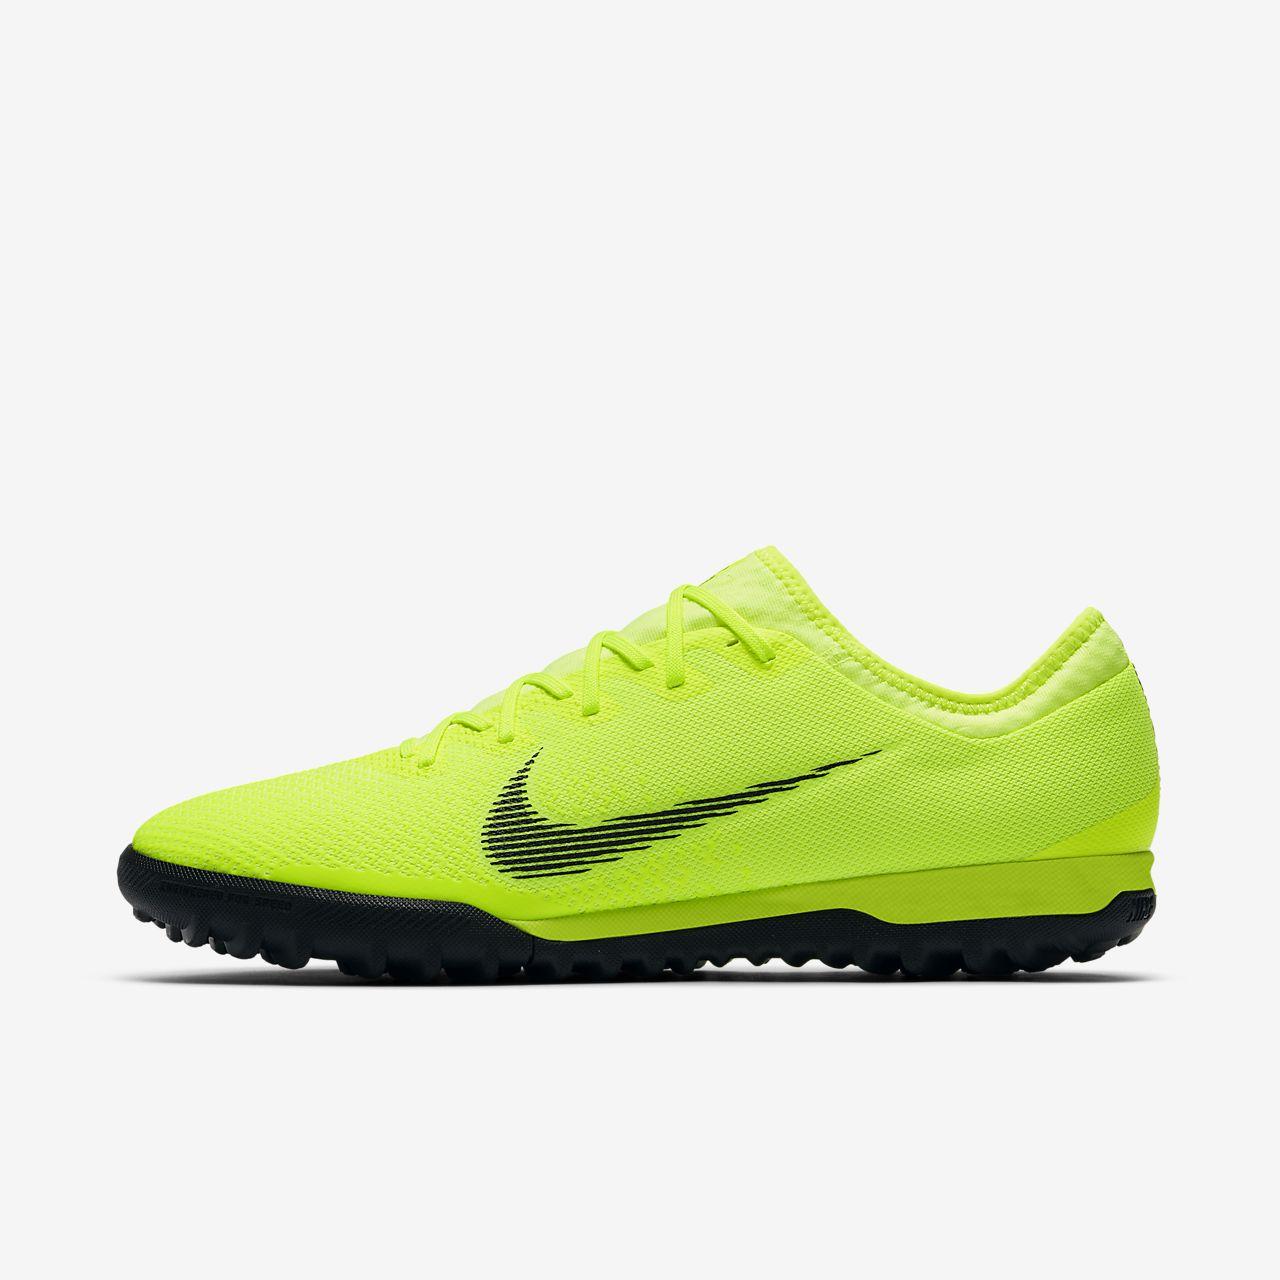 Scarpa da calcio per erba sintetica Nike MercurialX Vapor XII Pro TF ... f5b4410f288